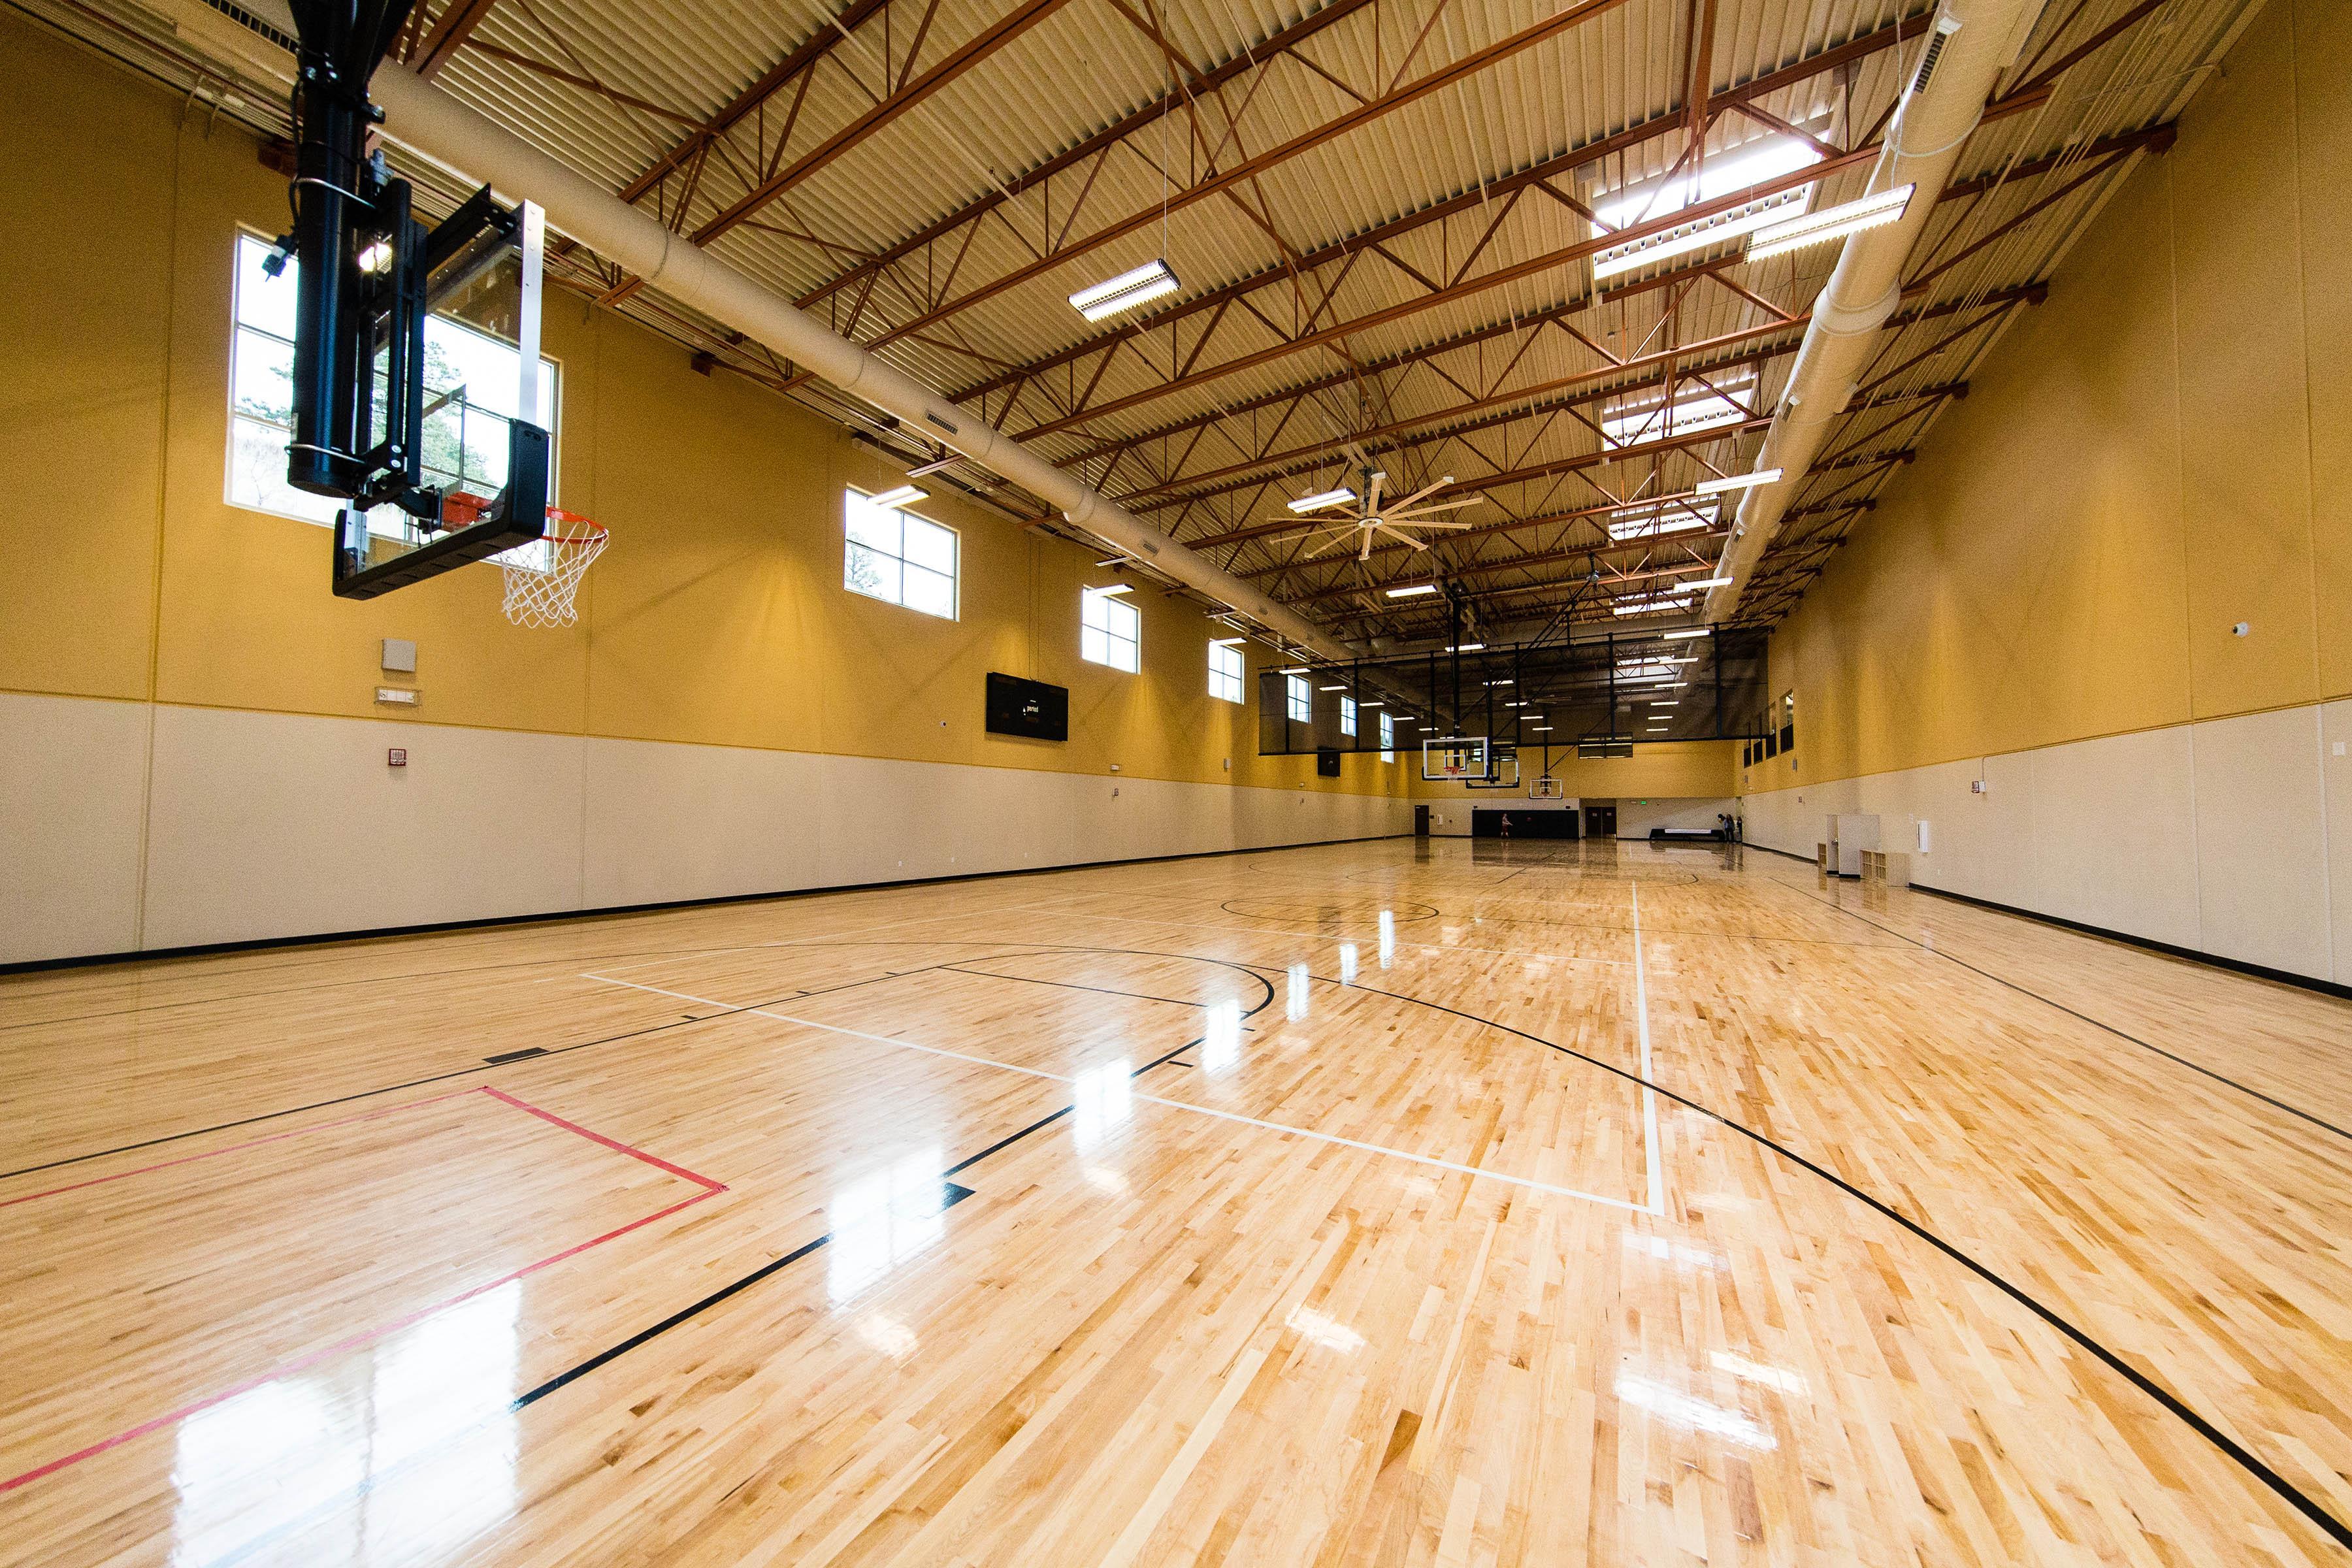 feature Recreation & Wellness Center officially